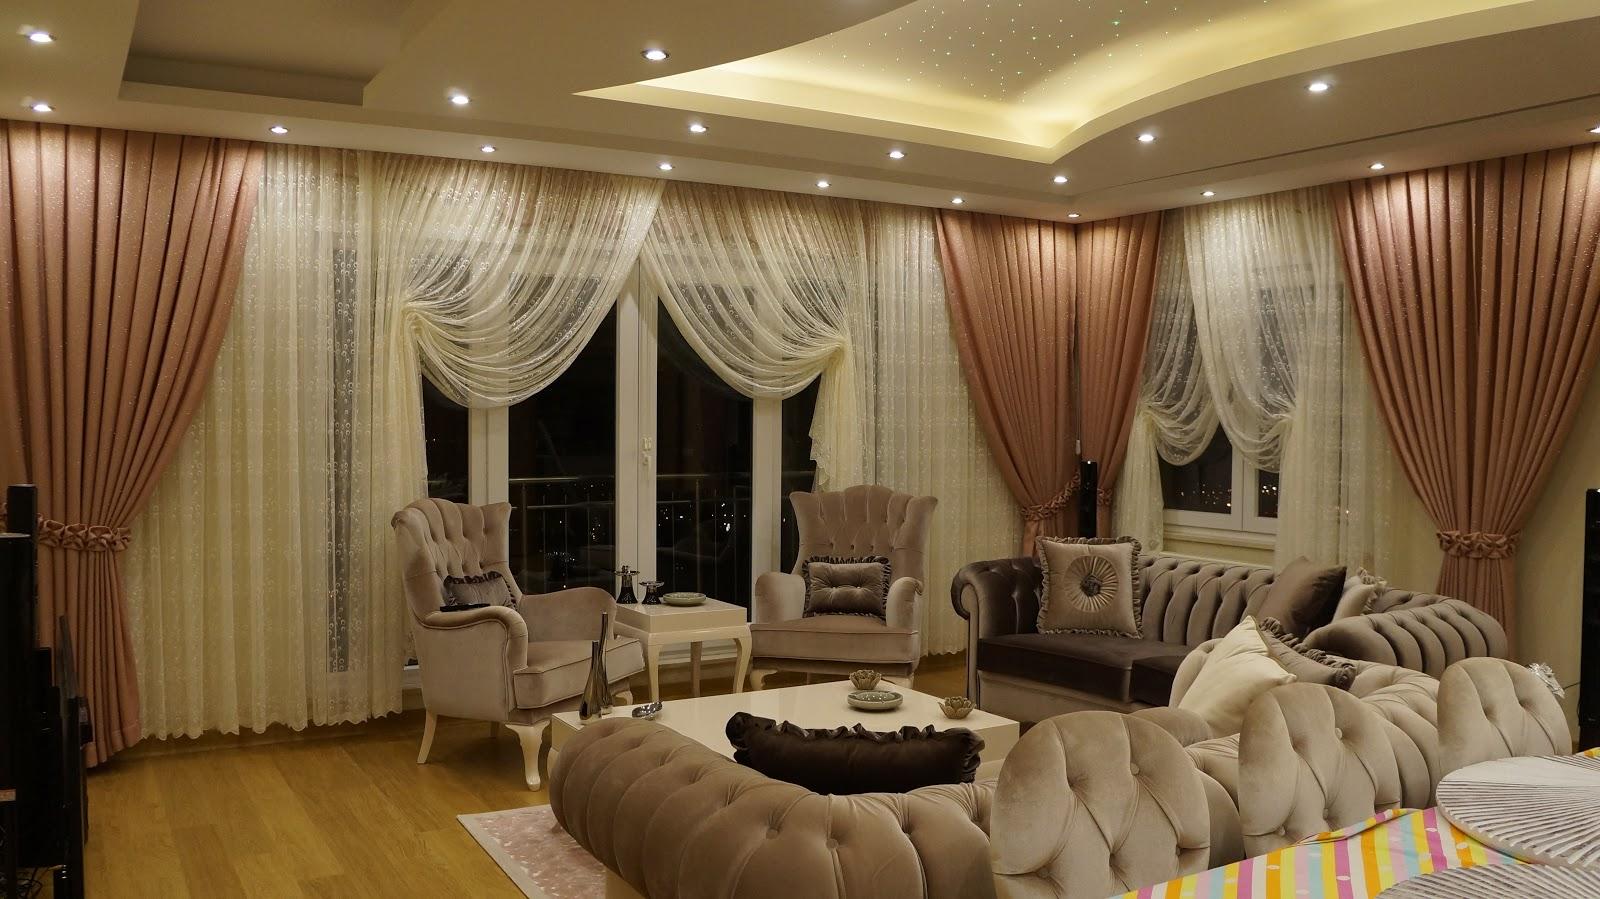 demir mefru at perde duvar ka d asma tavan led ve spot. Black Bedroom Furniture Sets. Home Design Ideas